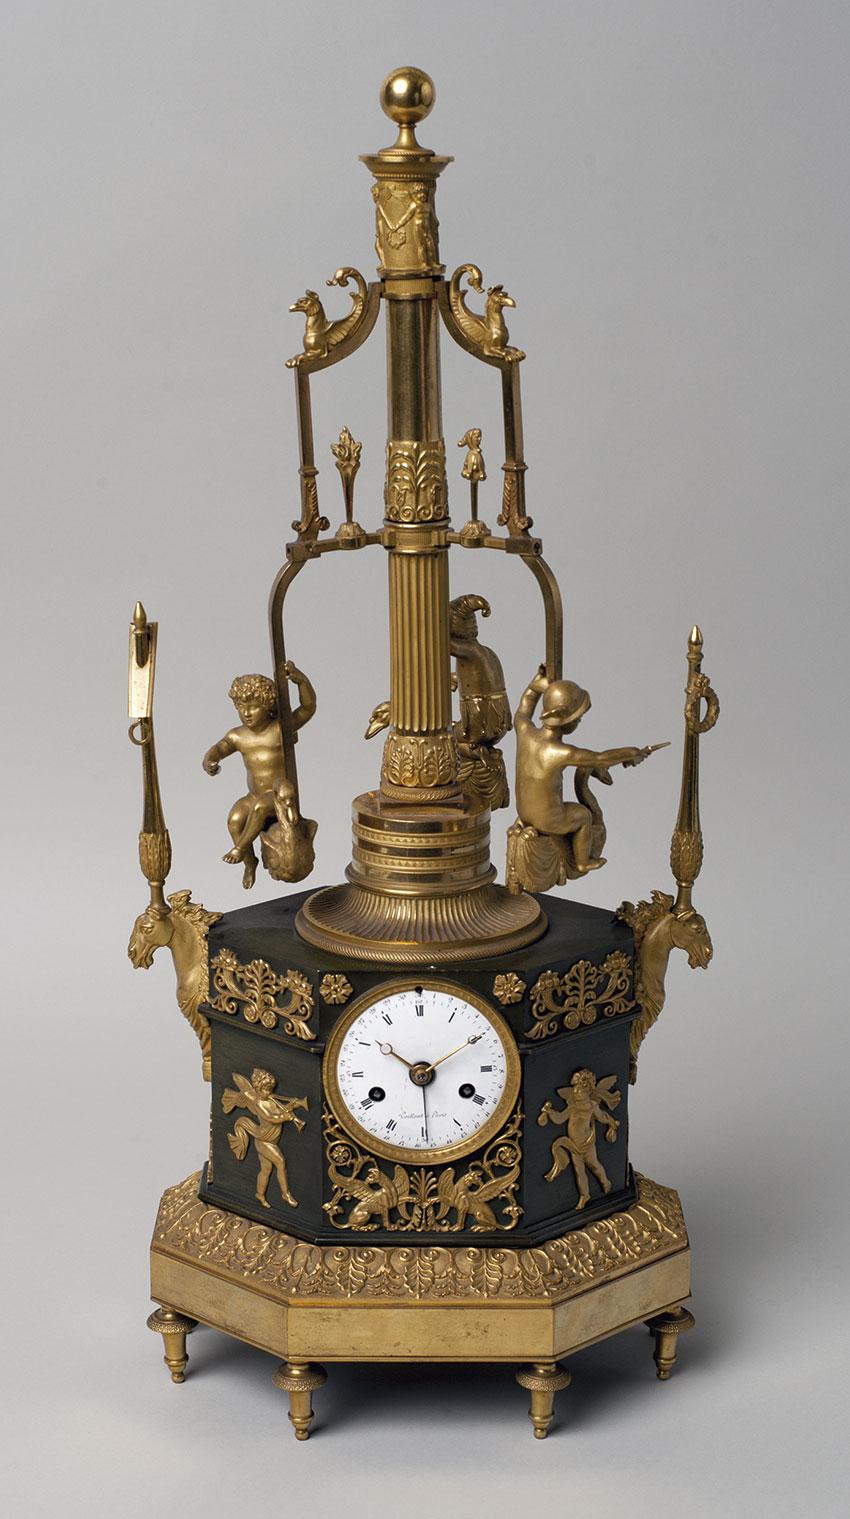 18_Carrusel. Reloj frances de sobremesa automata en bronce dorado por Vaillan. Circa 1805. 54,5 x 23,5 x 18 cm. Nº Inv. R.A. 643